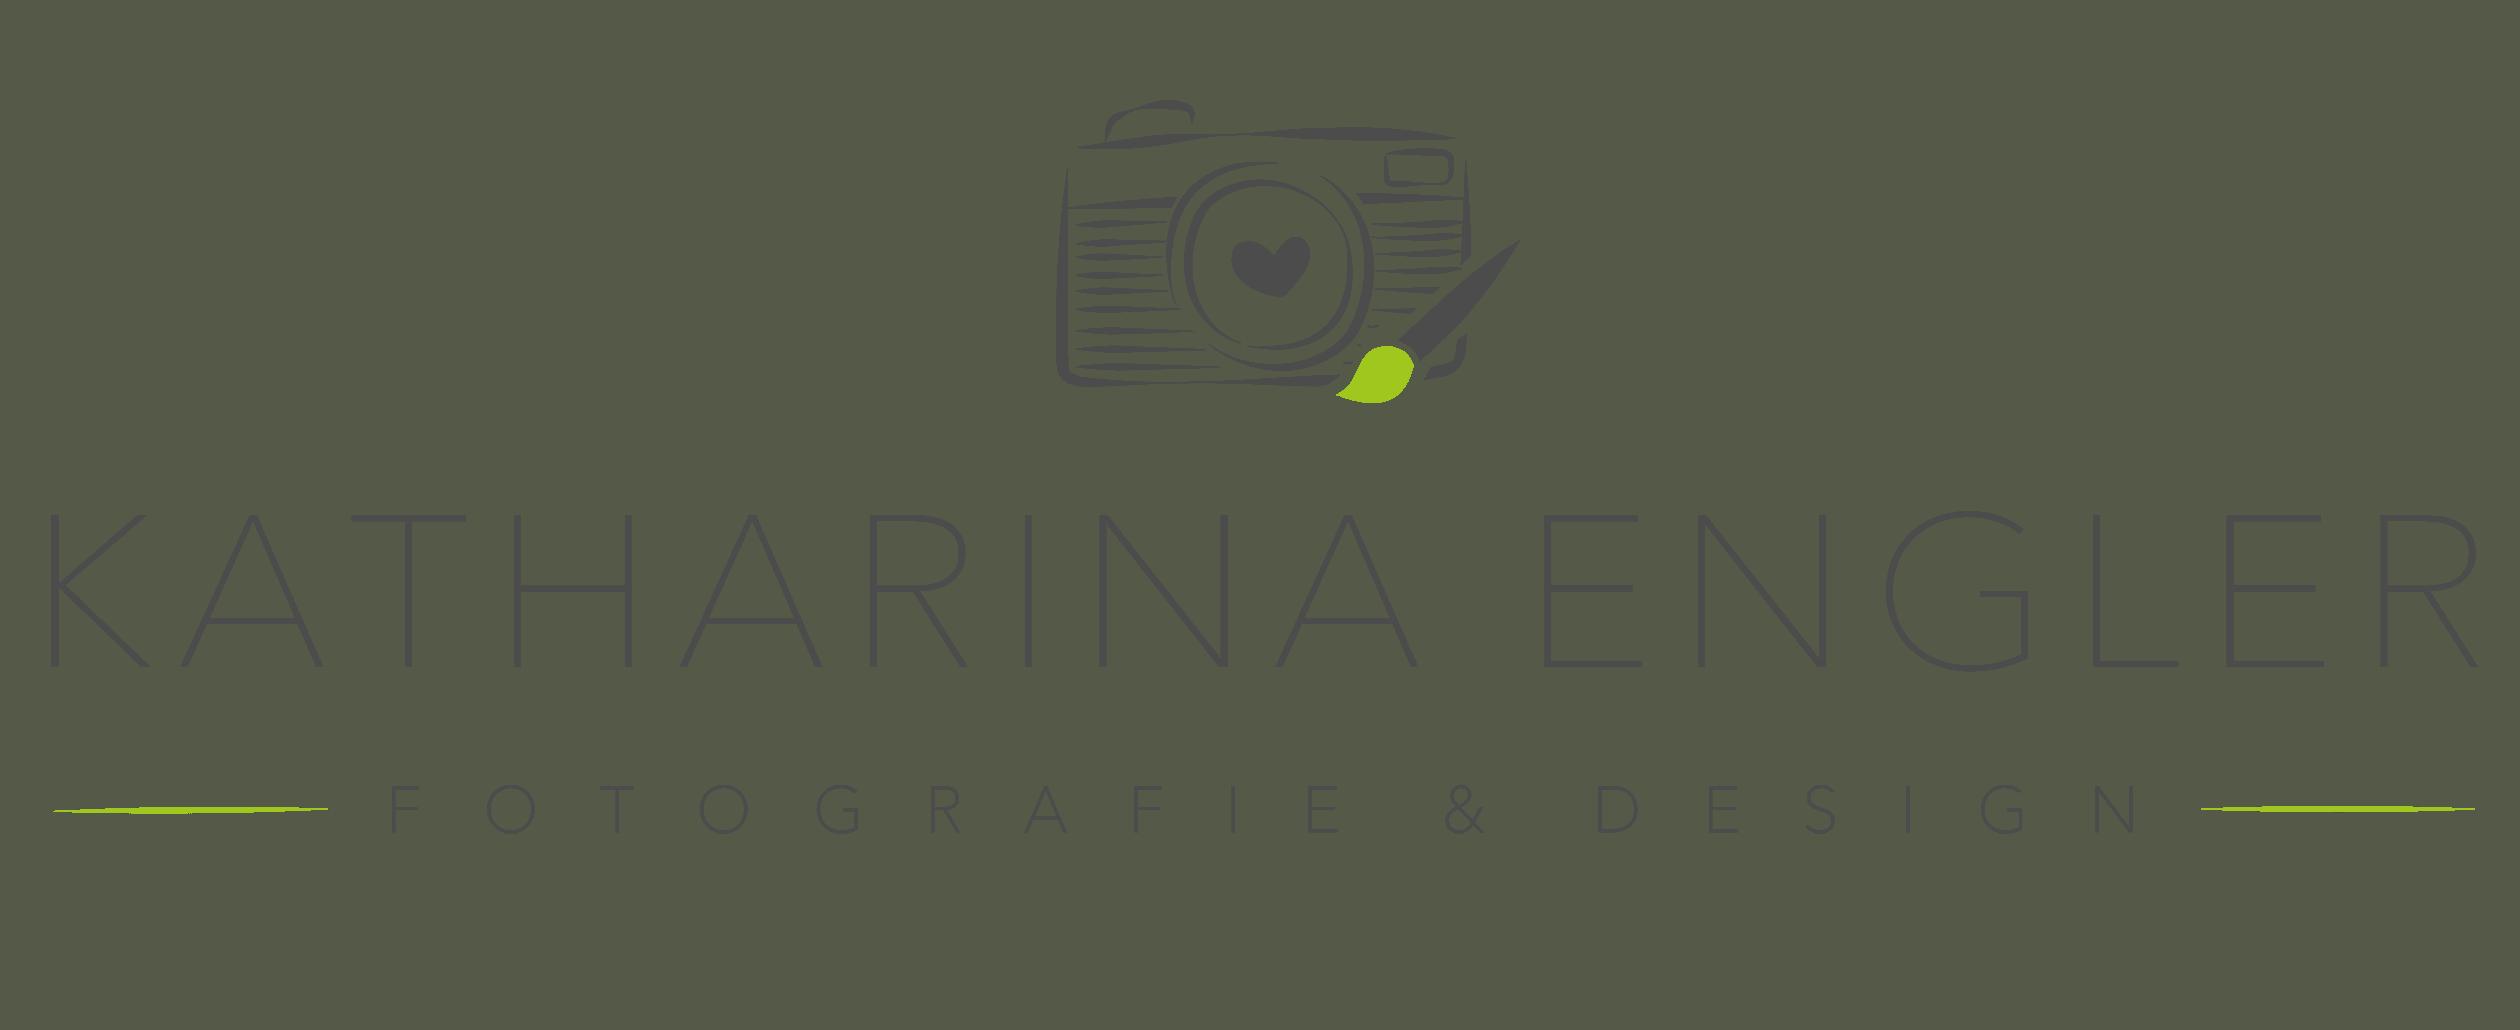 Katharina Engler - Fotografie & Design